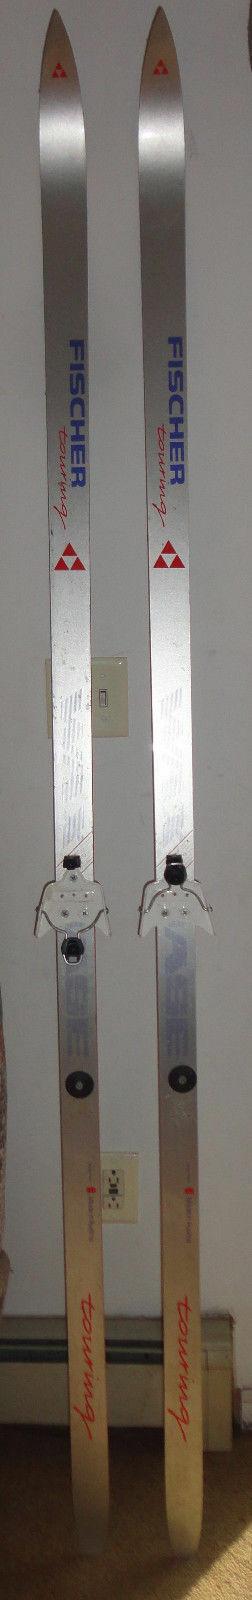 FISCHER Fiber CROSS COUNTRY SKIS 210-82 Austria NORDIC Nom Binding Alpine Wax